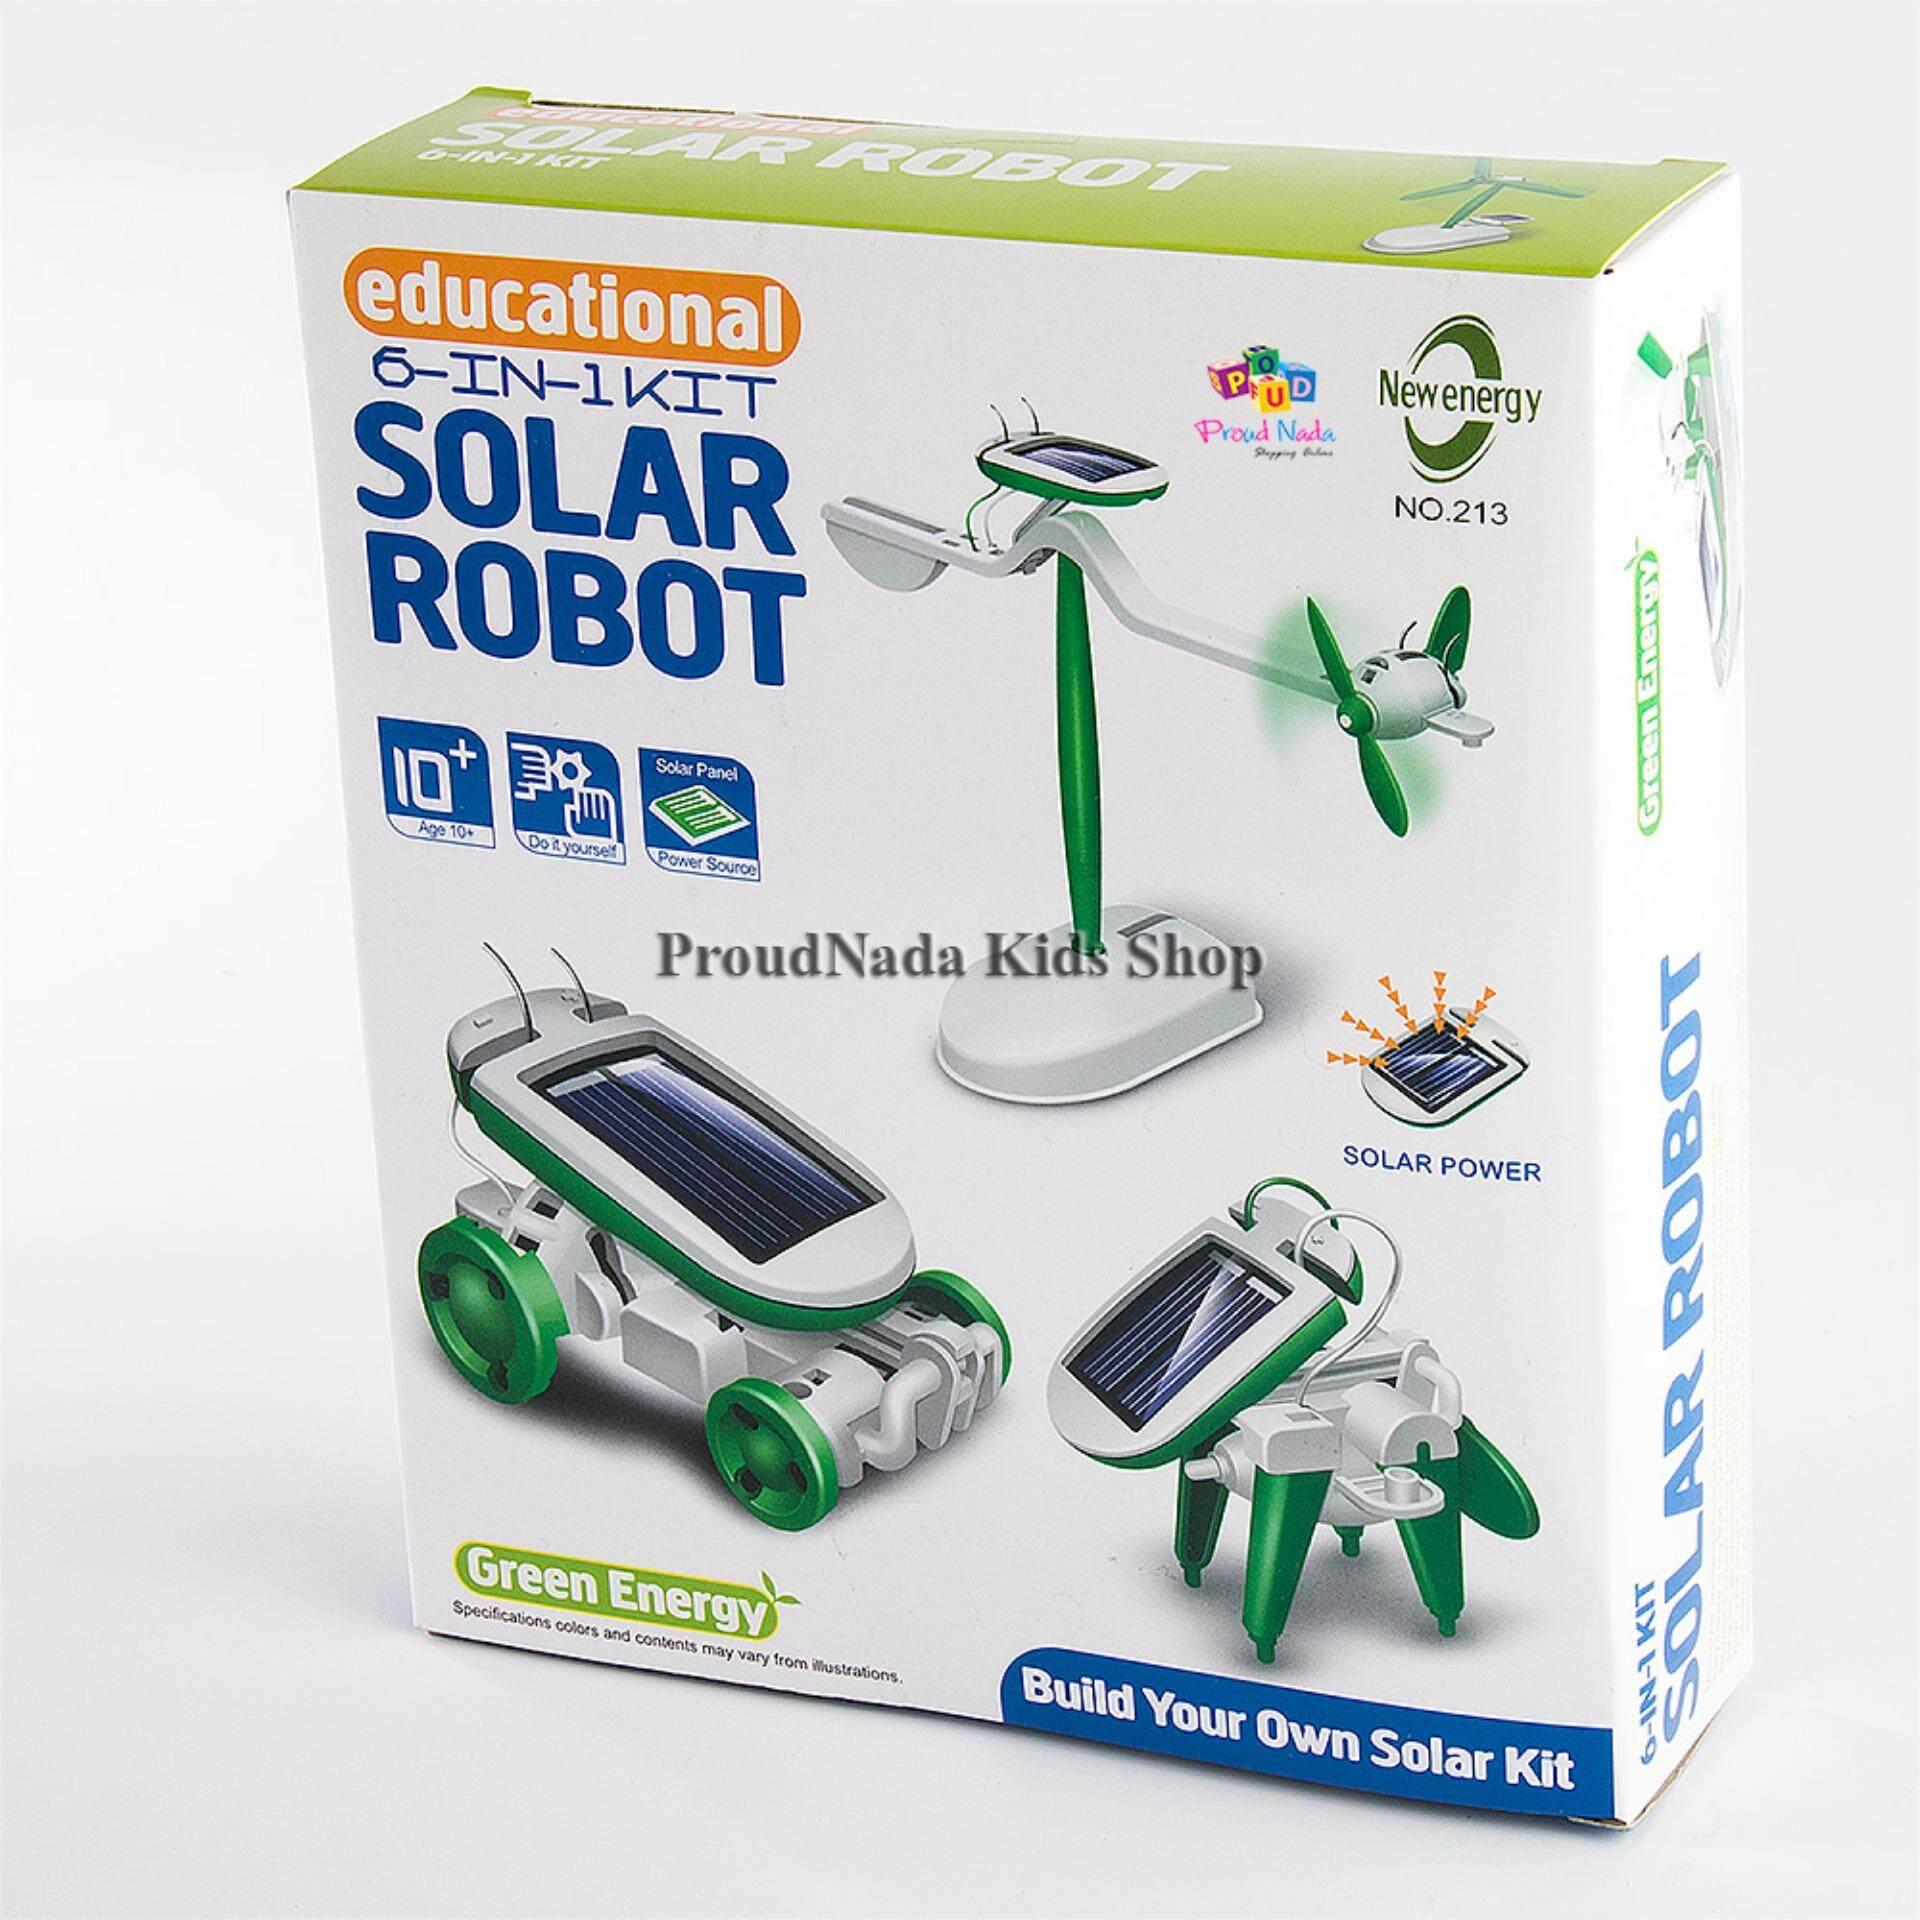 ราคา Proudnada Toys ของเล่นเด็กชุดคิตหุ่นยนต์พลังงานแสงอาทิตย์ Solar Robot No 213 ออนไลน์